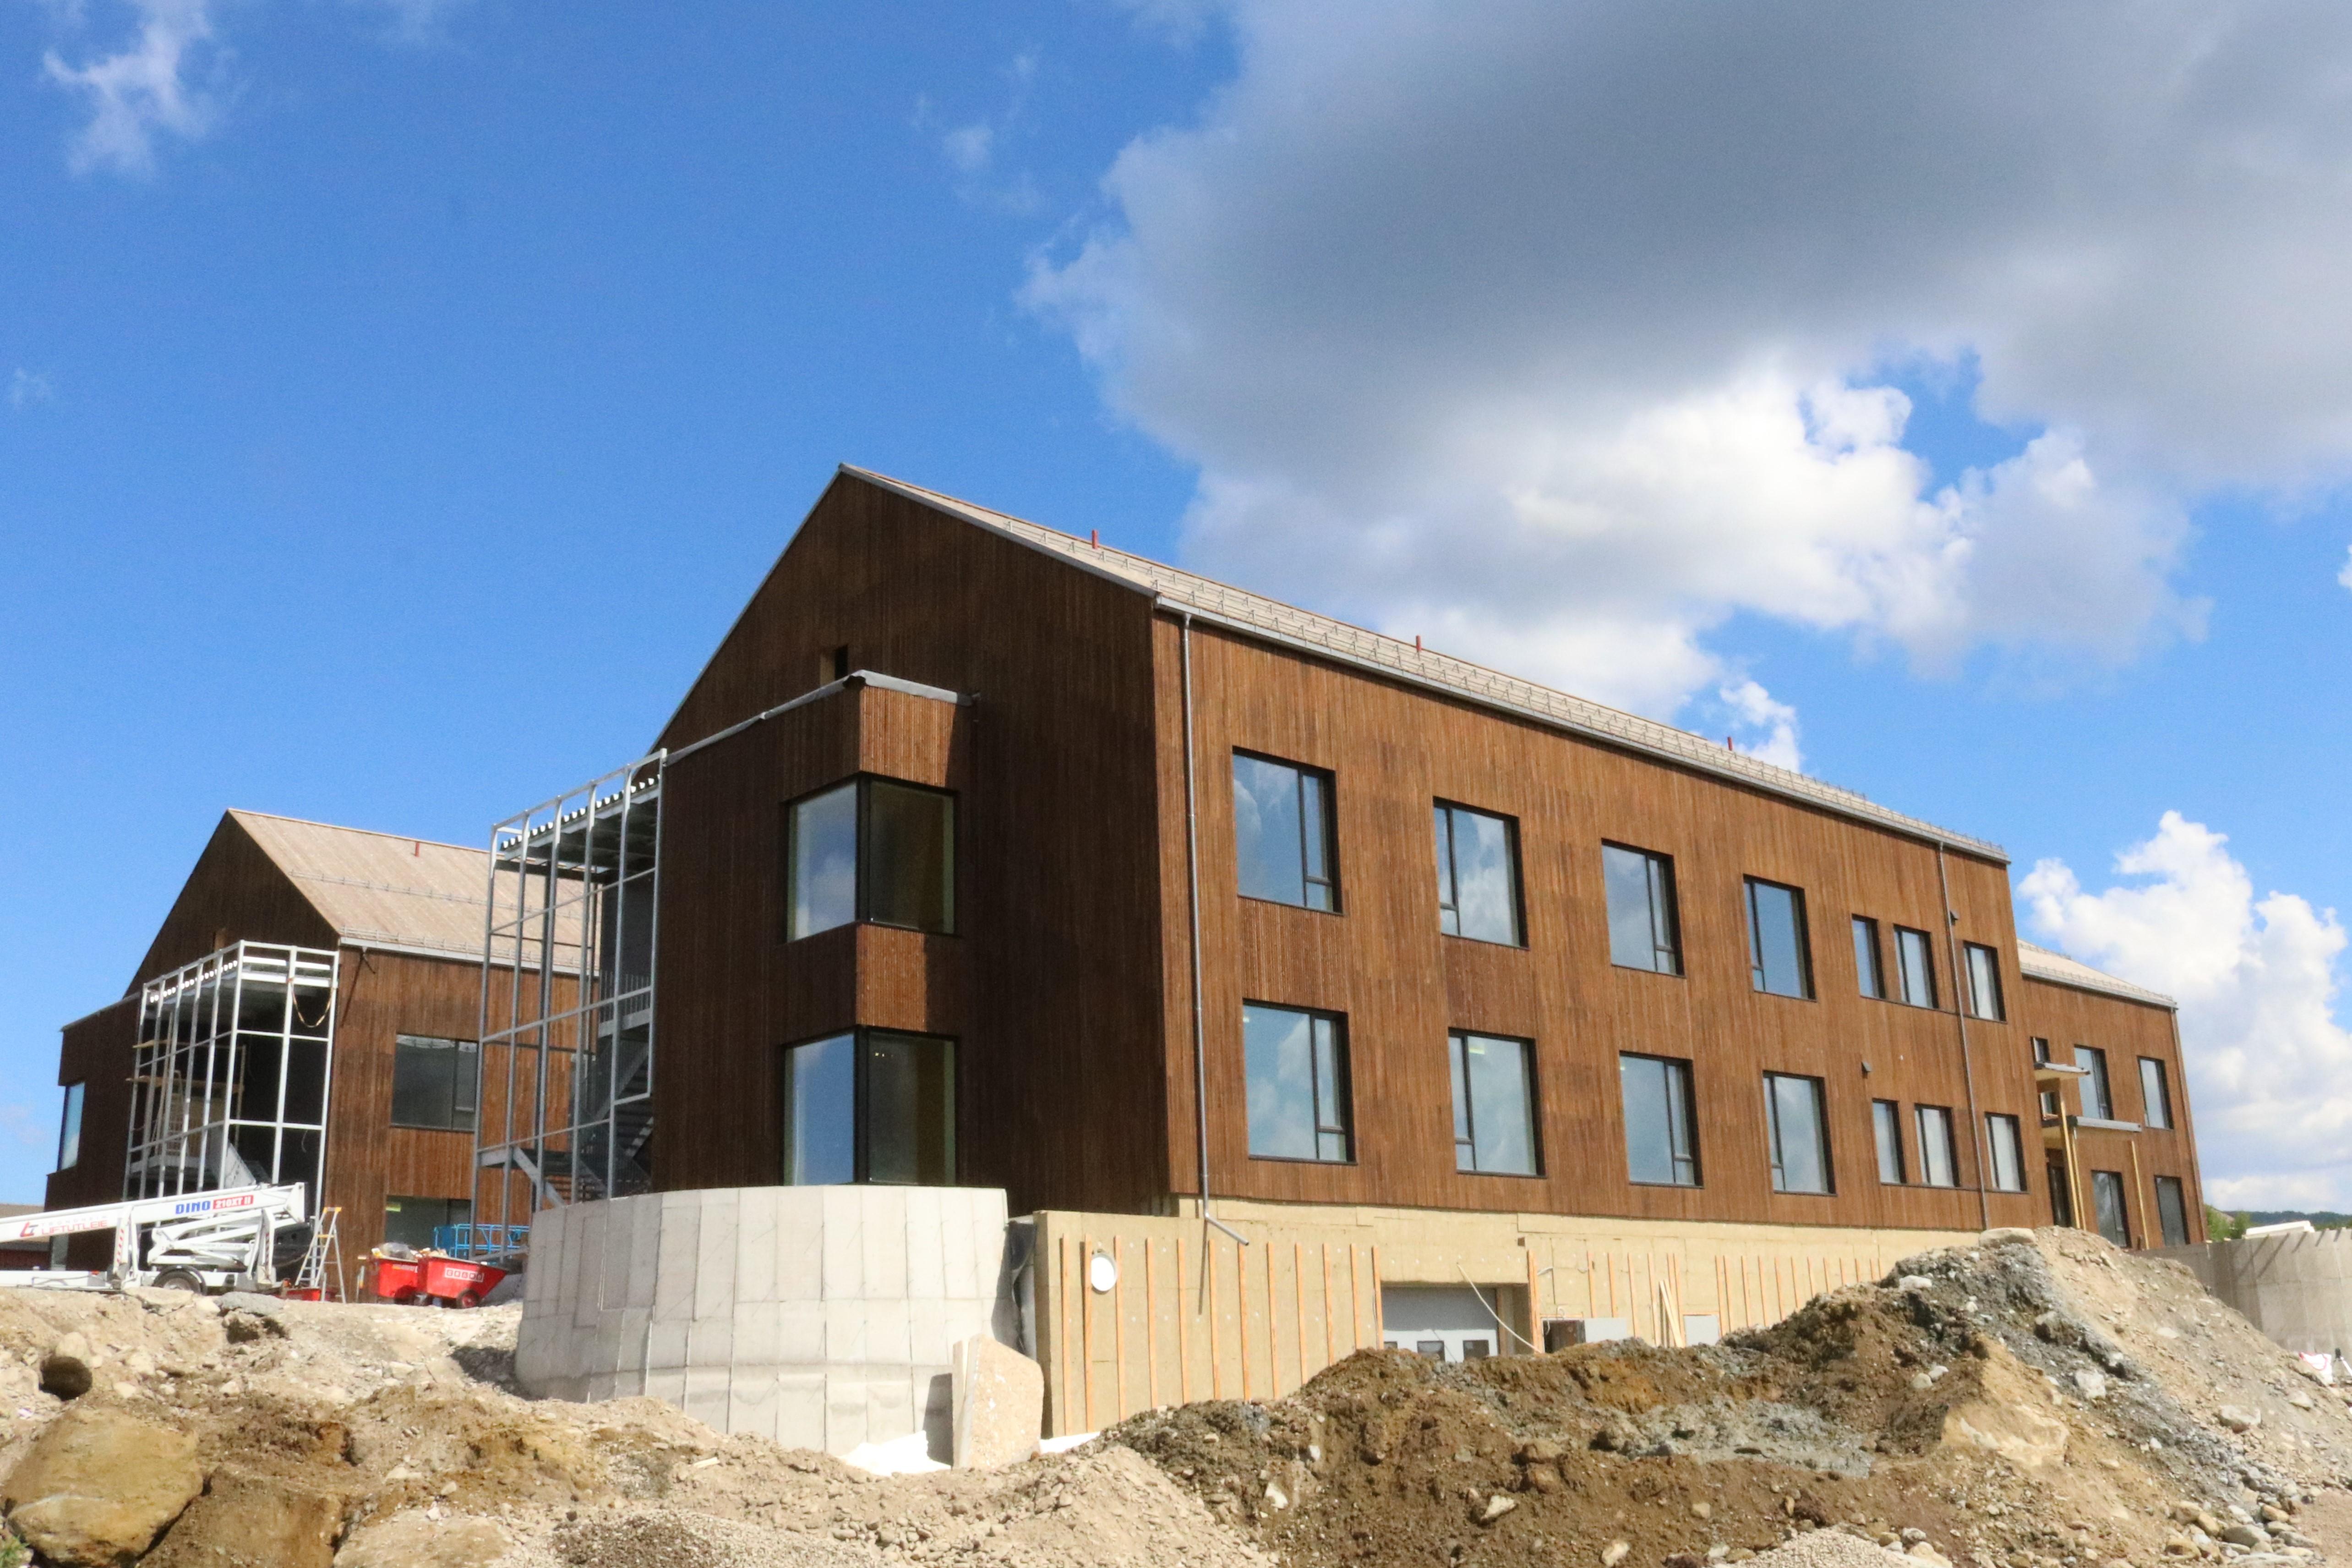 Bilde tatt ute av det nye sykehjemsbygget, om sommeren med blå himmel bak.